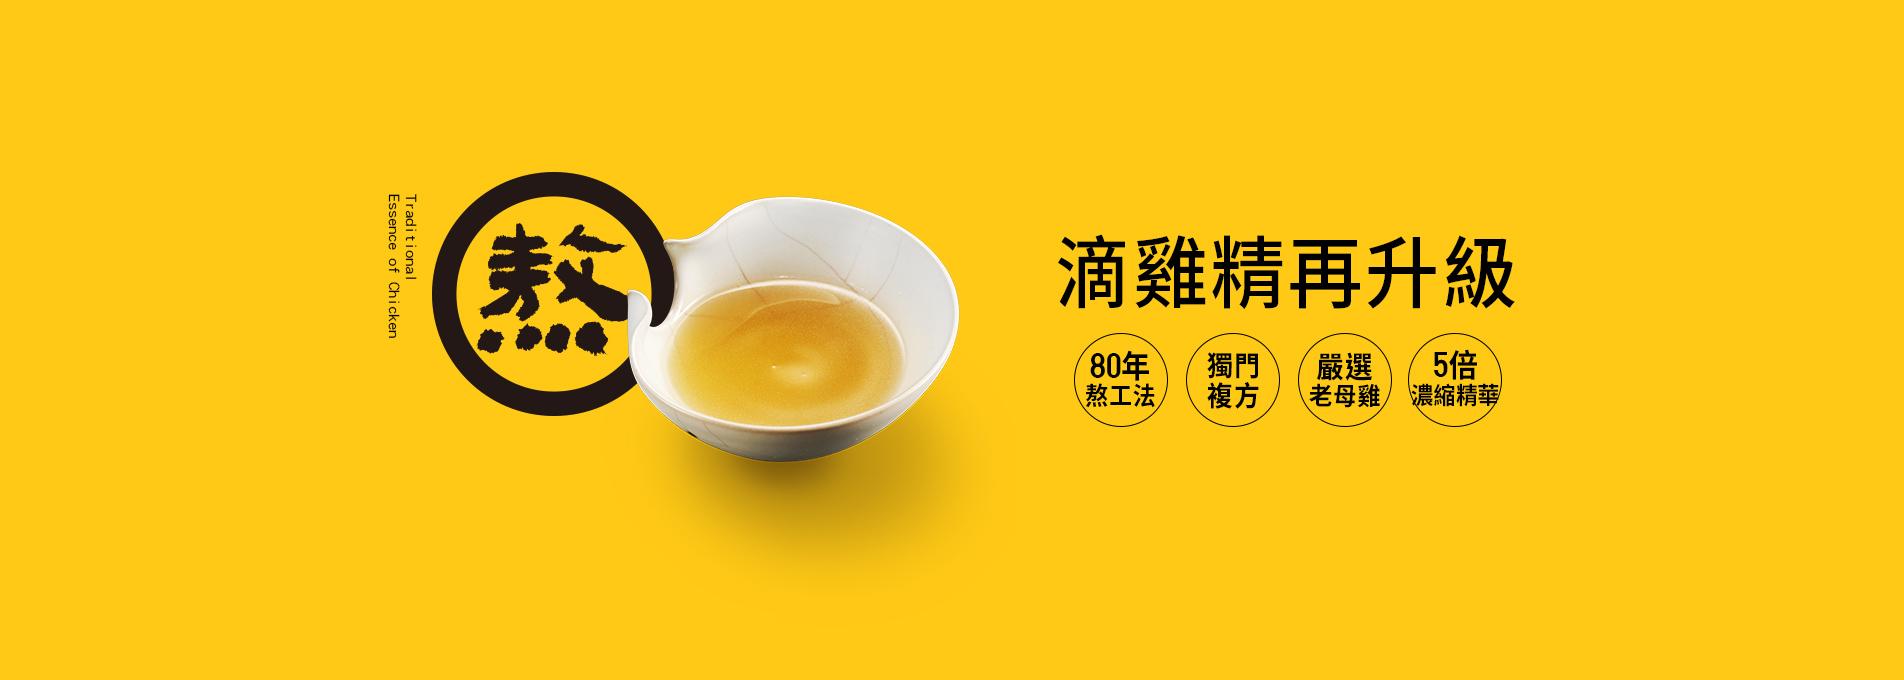 熬雞精(冷凍/3入)